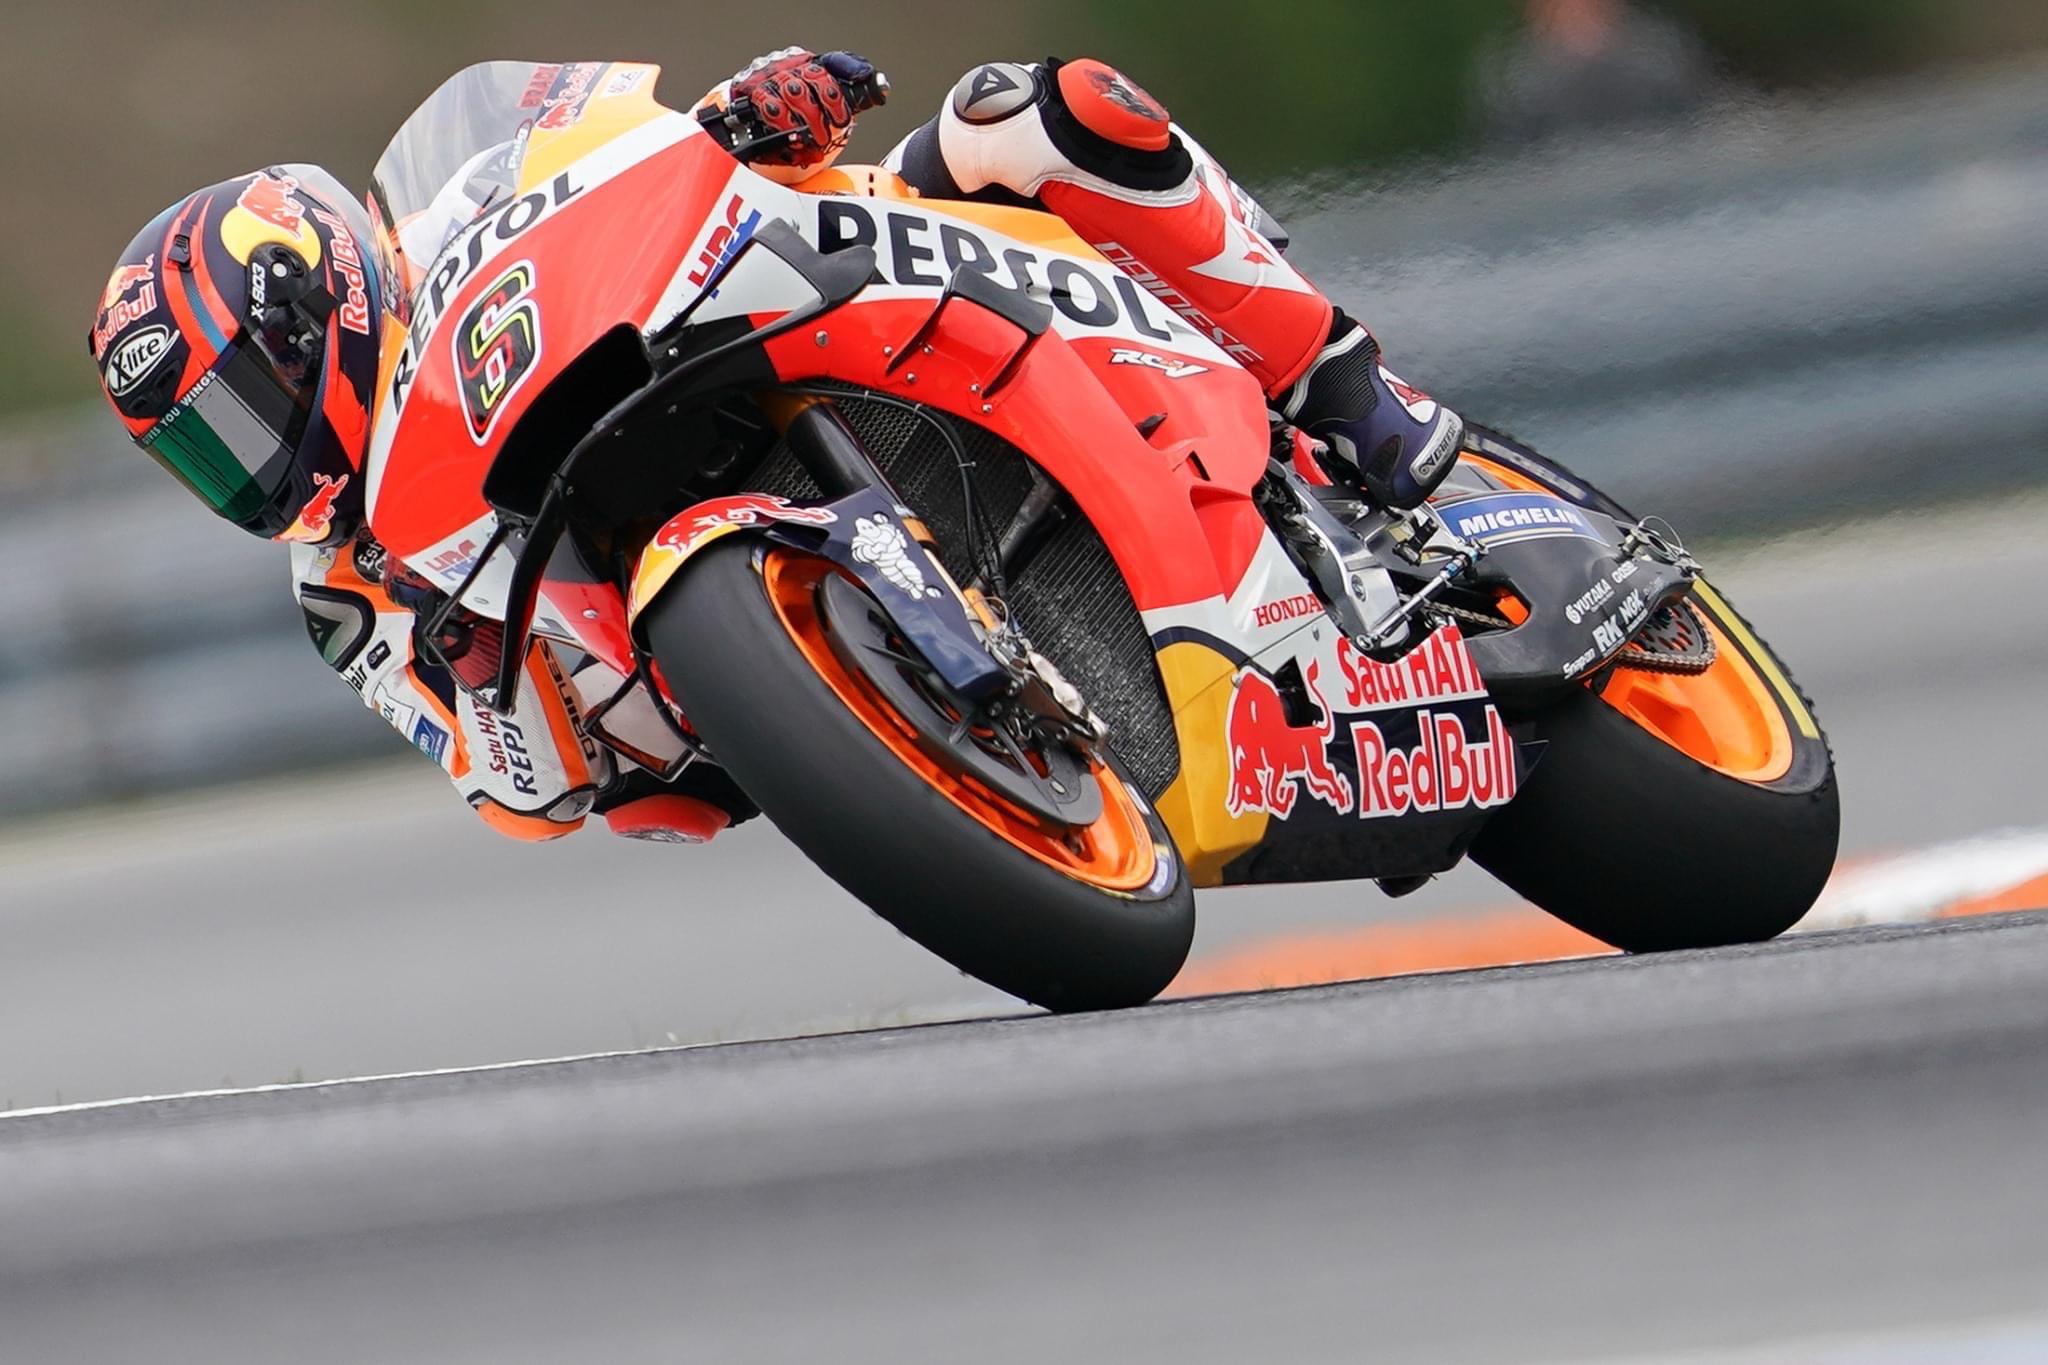 Stefan Bradl a Moto2 világbajnoka helyettesíti Marquezt. Kíváncsian várjuk mit alakít.